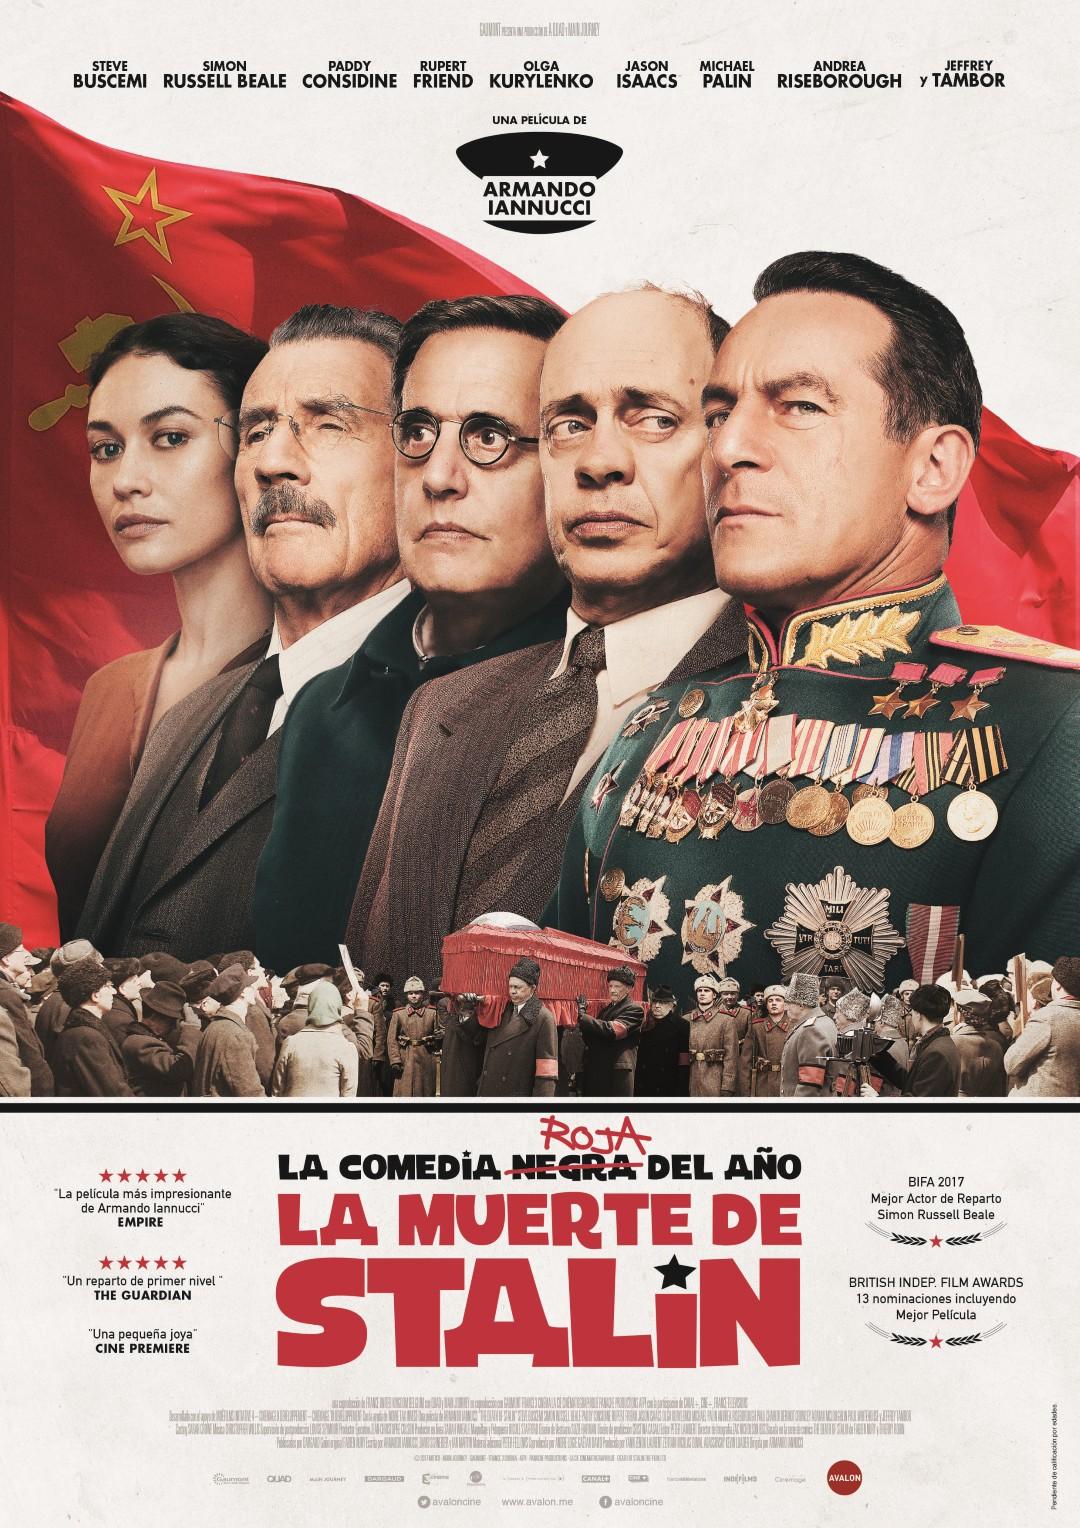 'La muerte de Stalin': Tráiler y póster español de esta divertida sátira